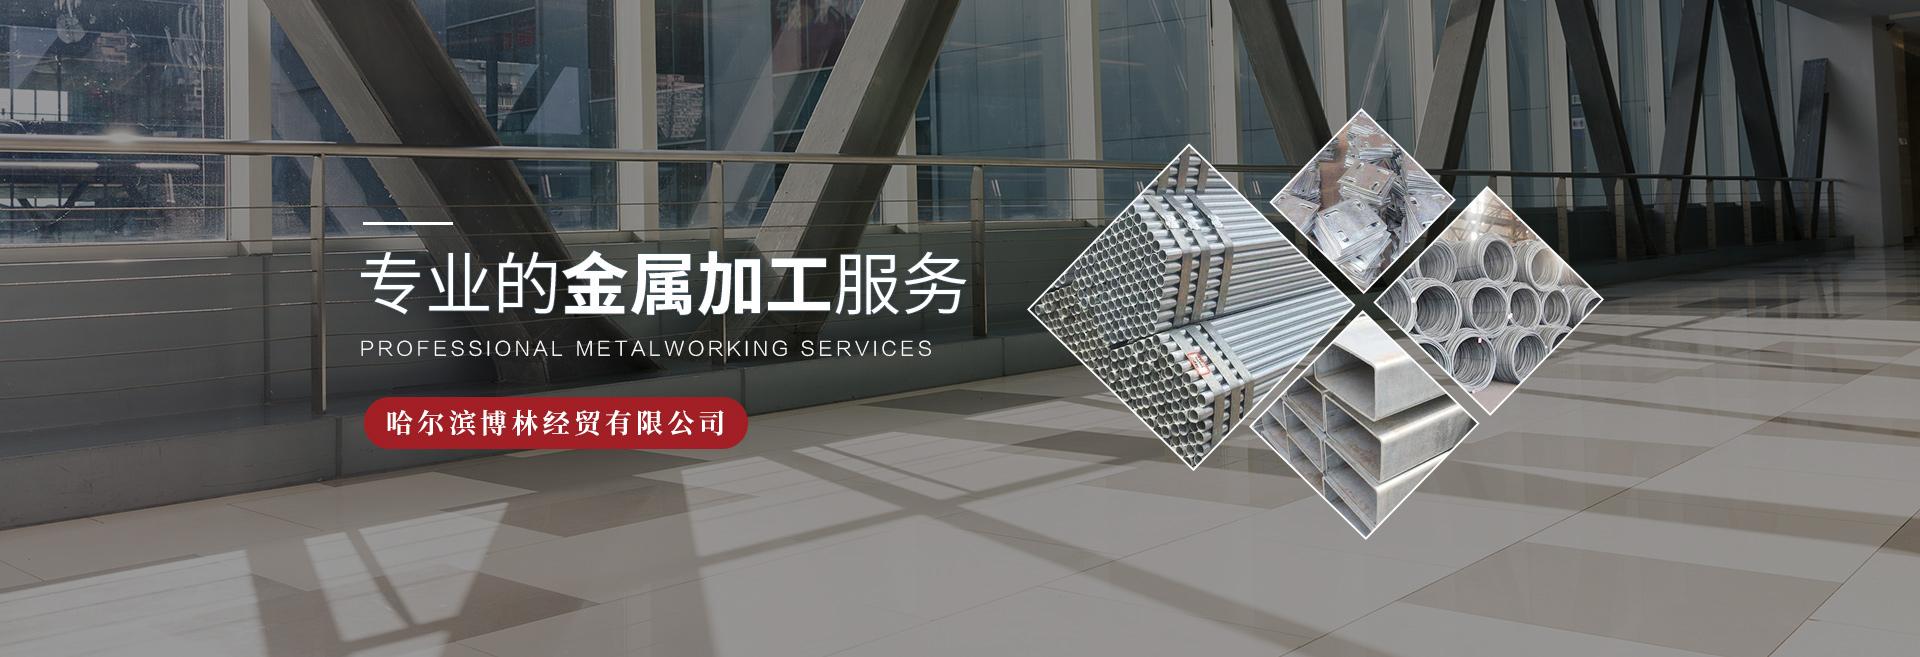 哈尔滨钢材,哈尔滨保温管,哈尔滨彩钢板